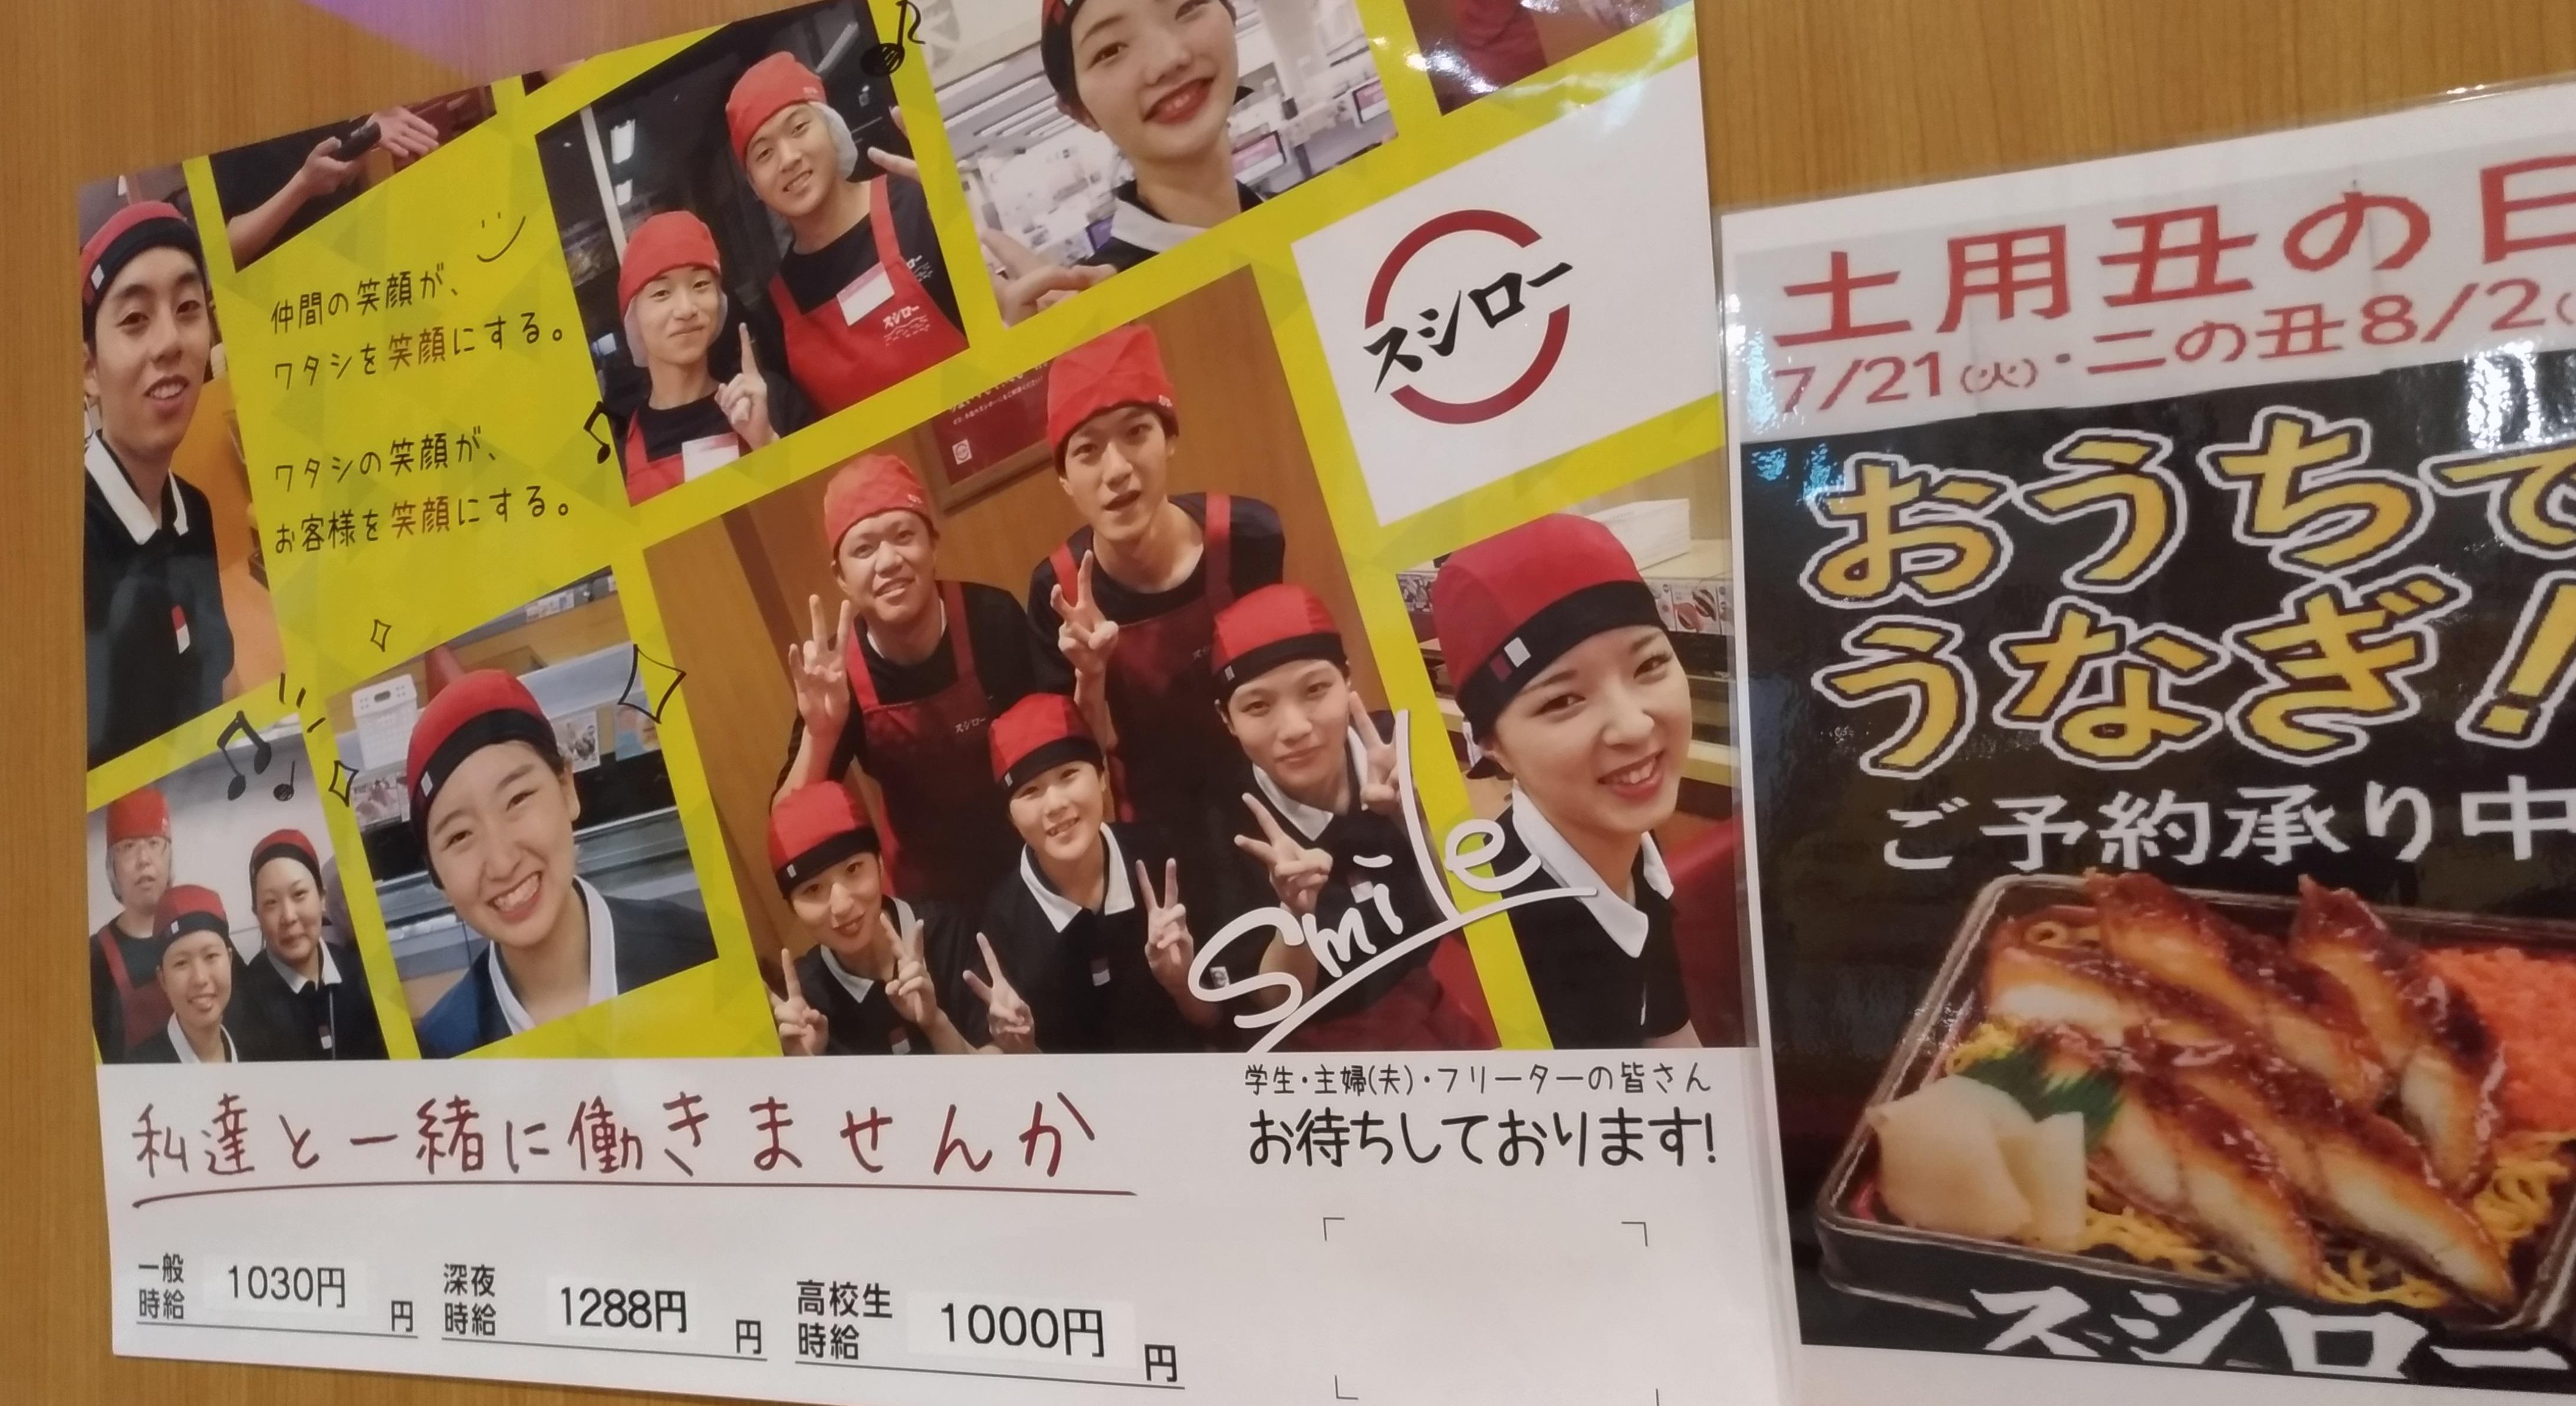 osaka_sushiro_tenma0723_2.jpg